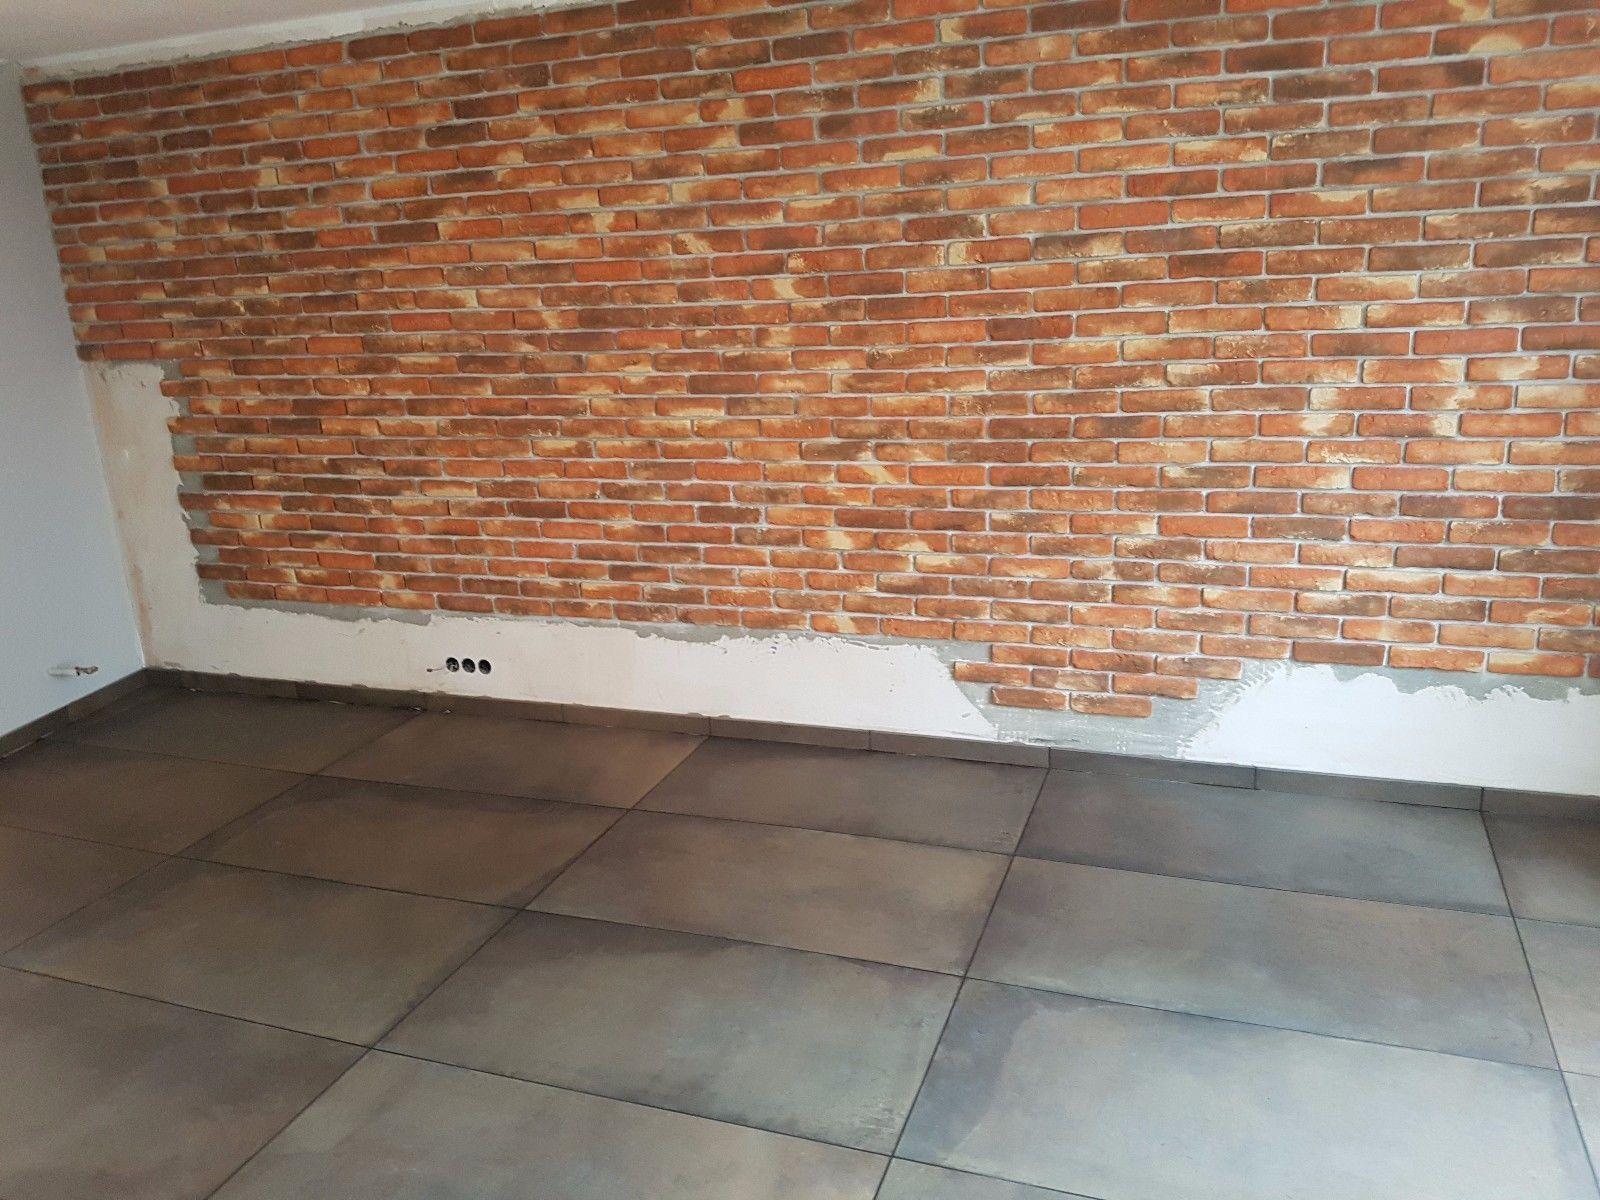 10m²  rustikale  Klinker Riemchen Verblender Ziegel Verblendstein, innen & außen